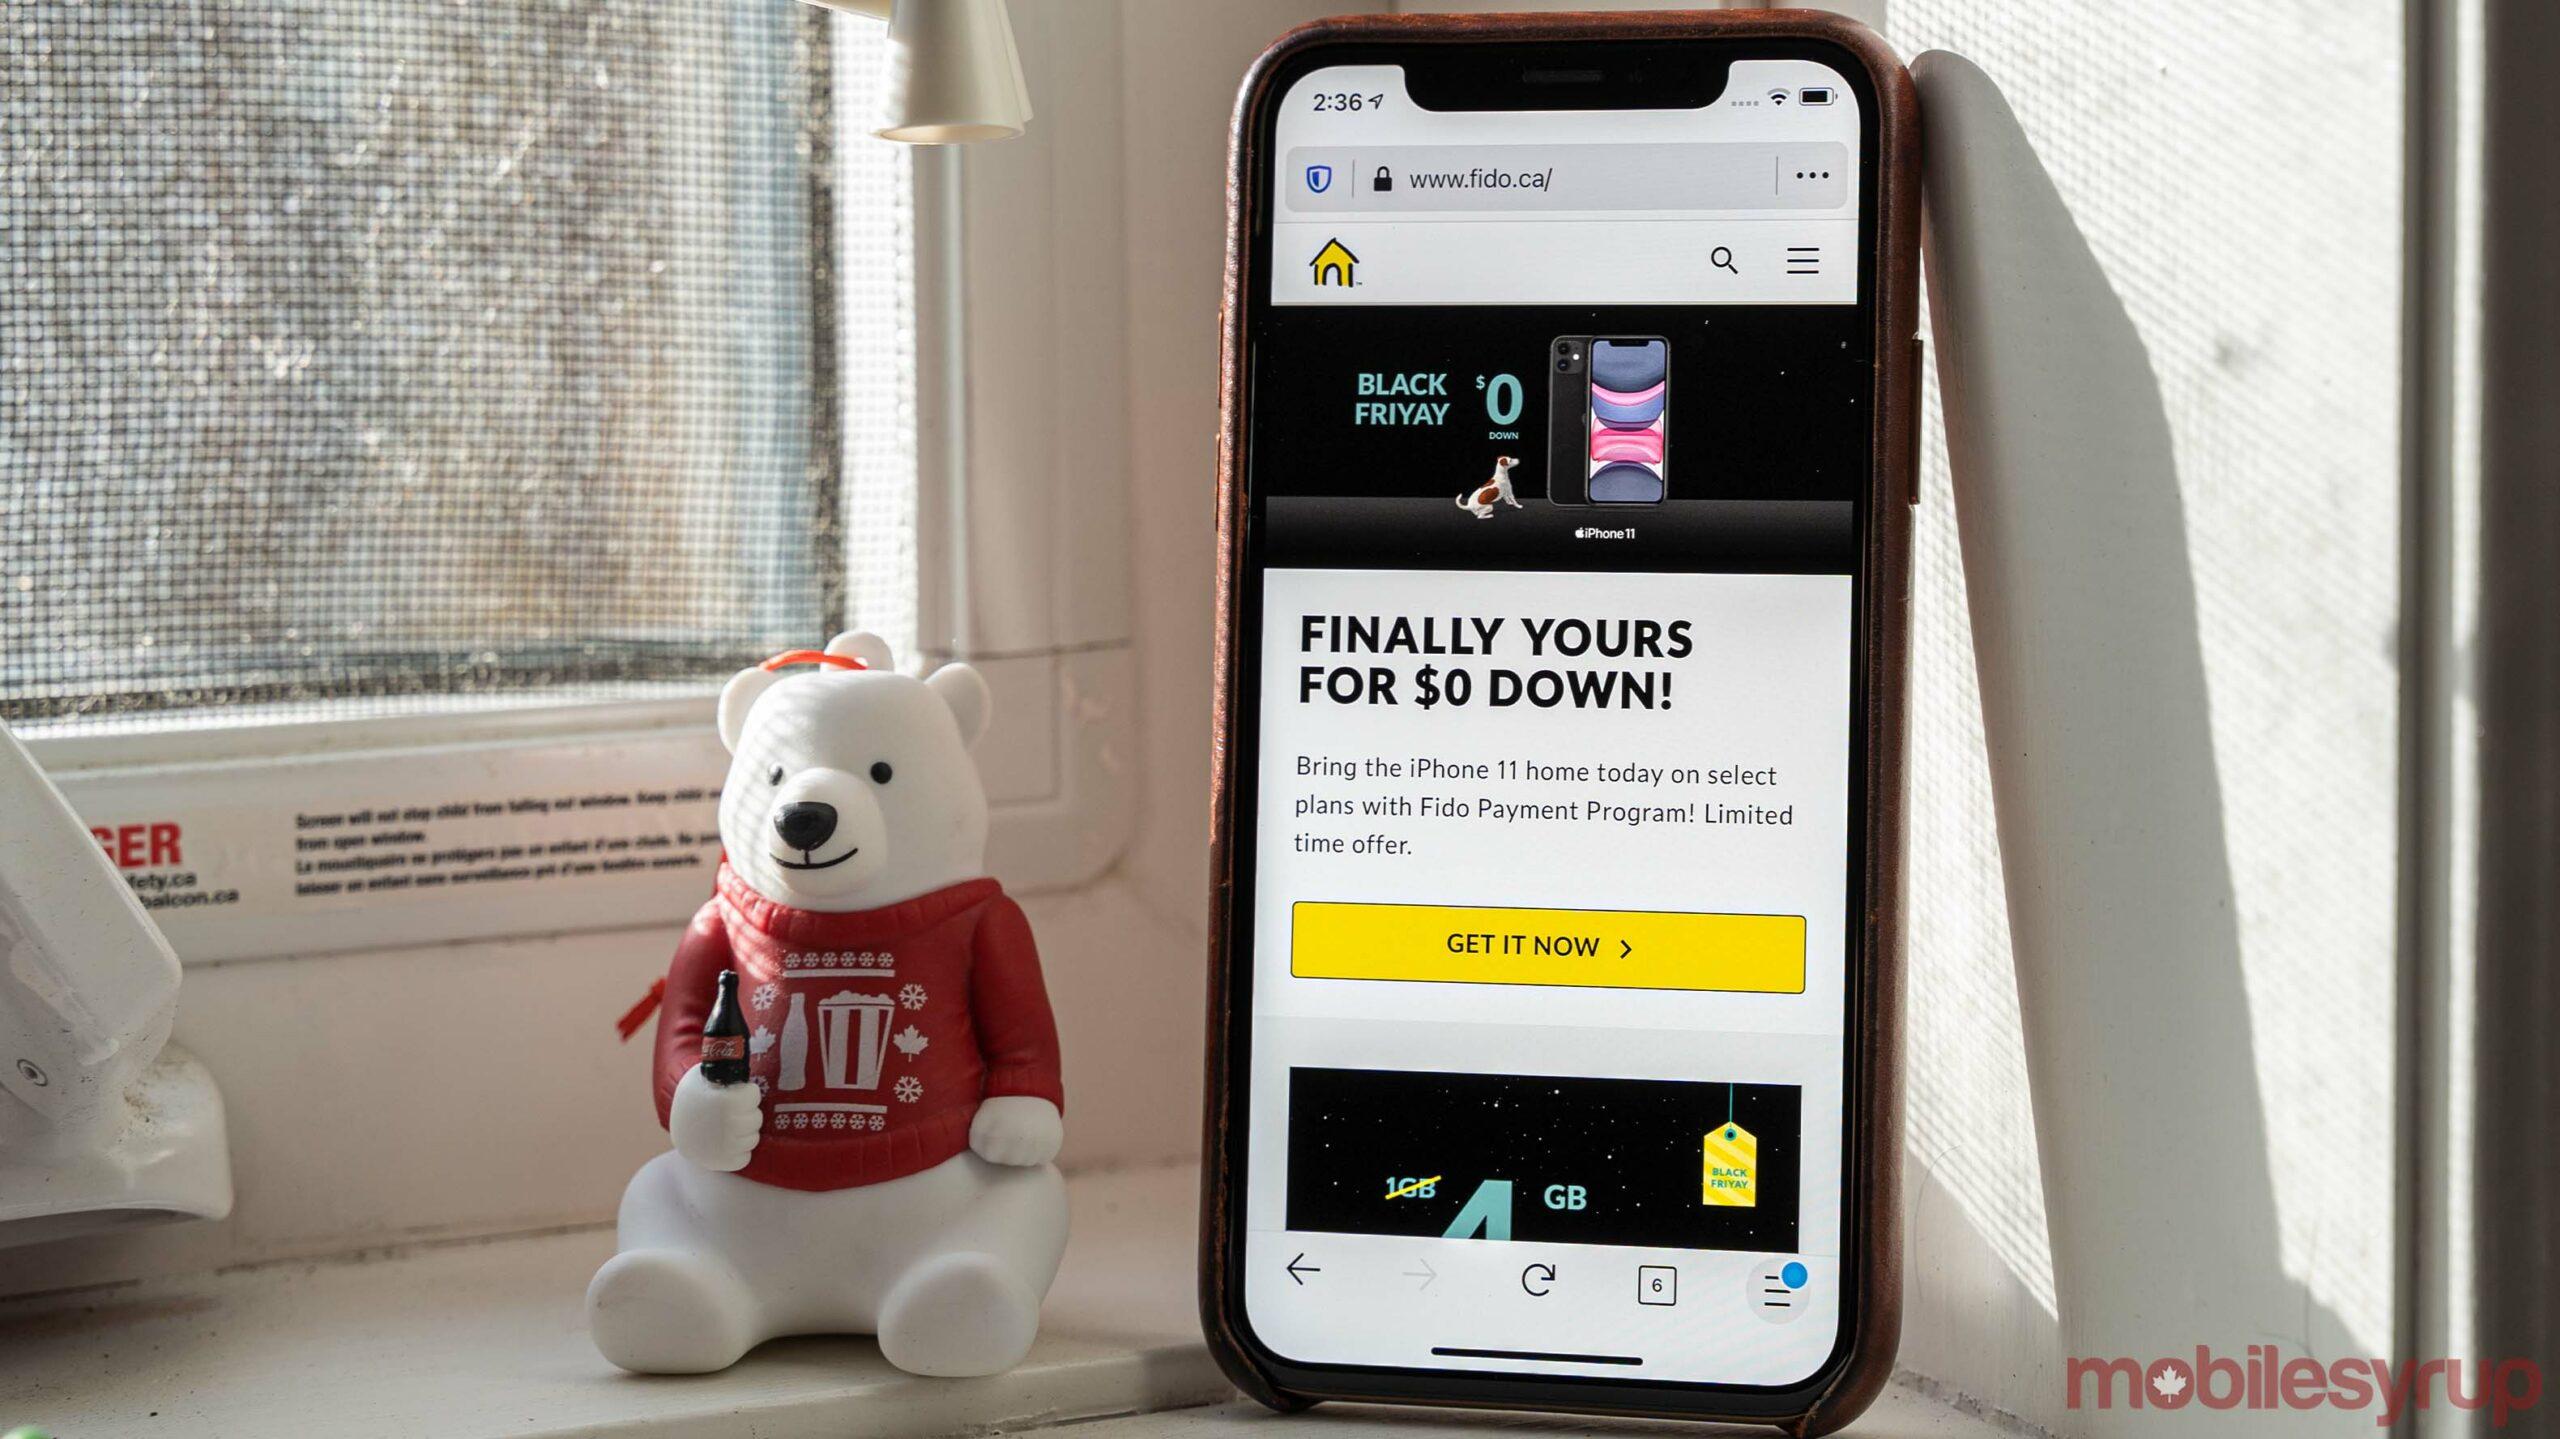 Fido website on iPhone